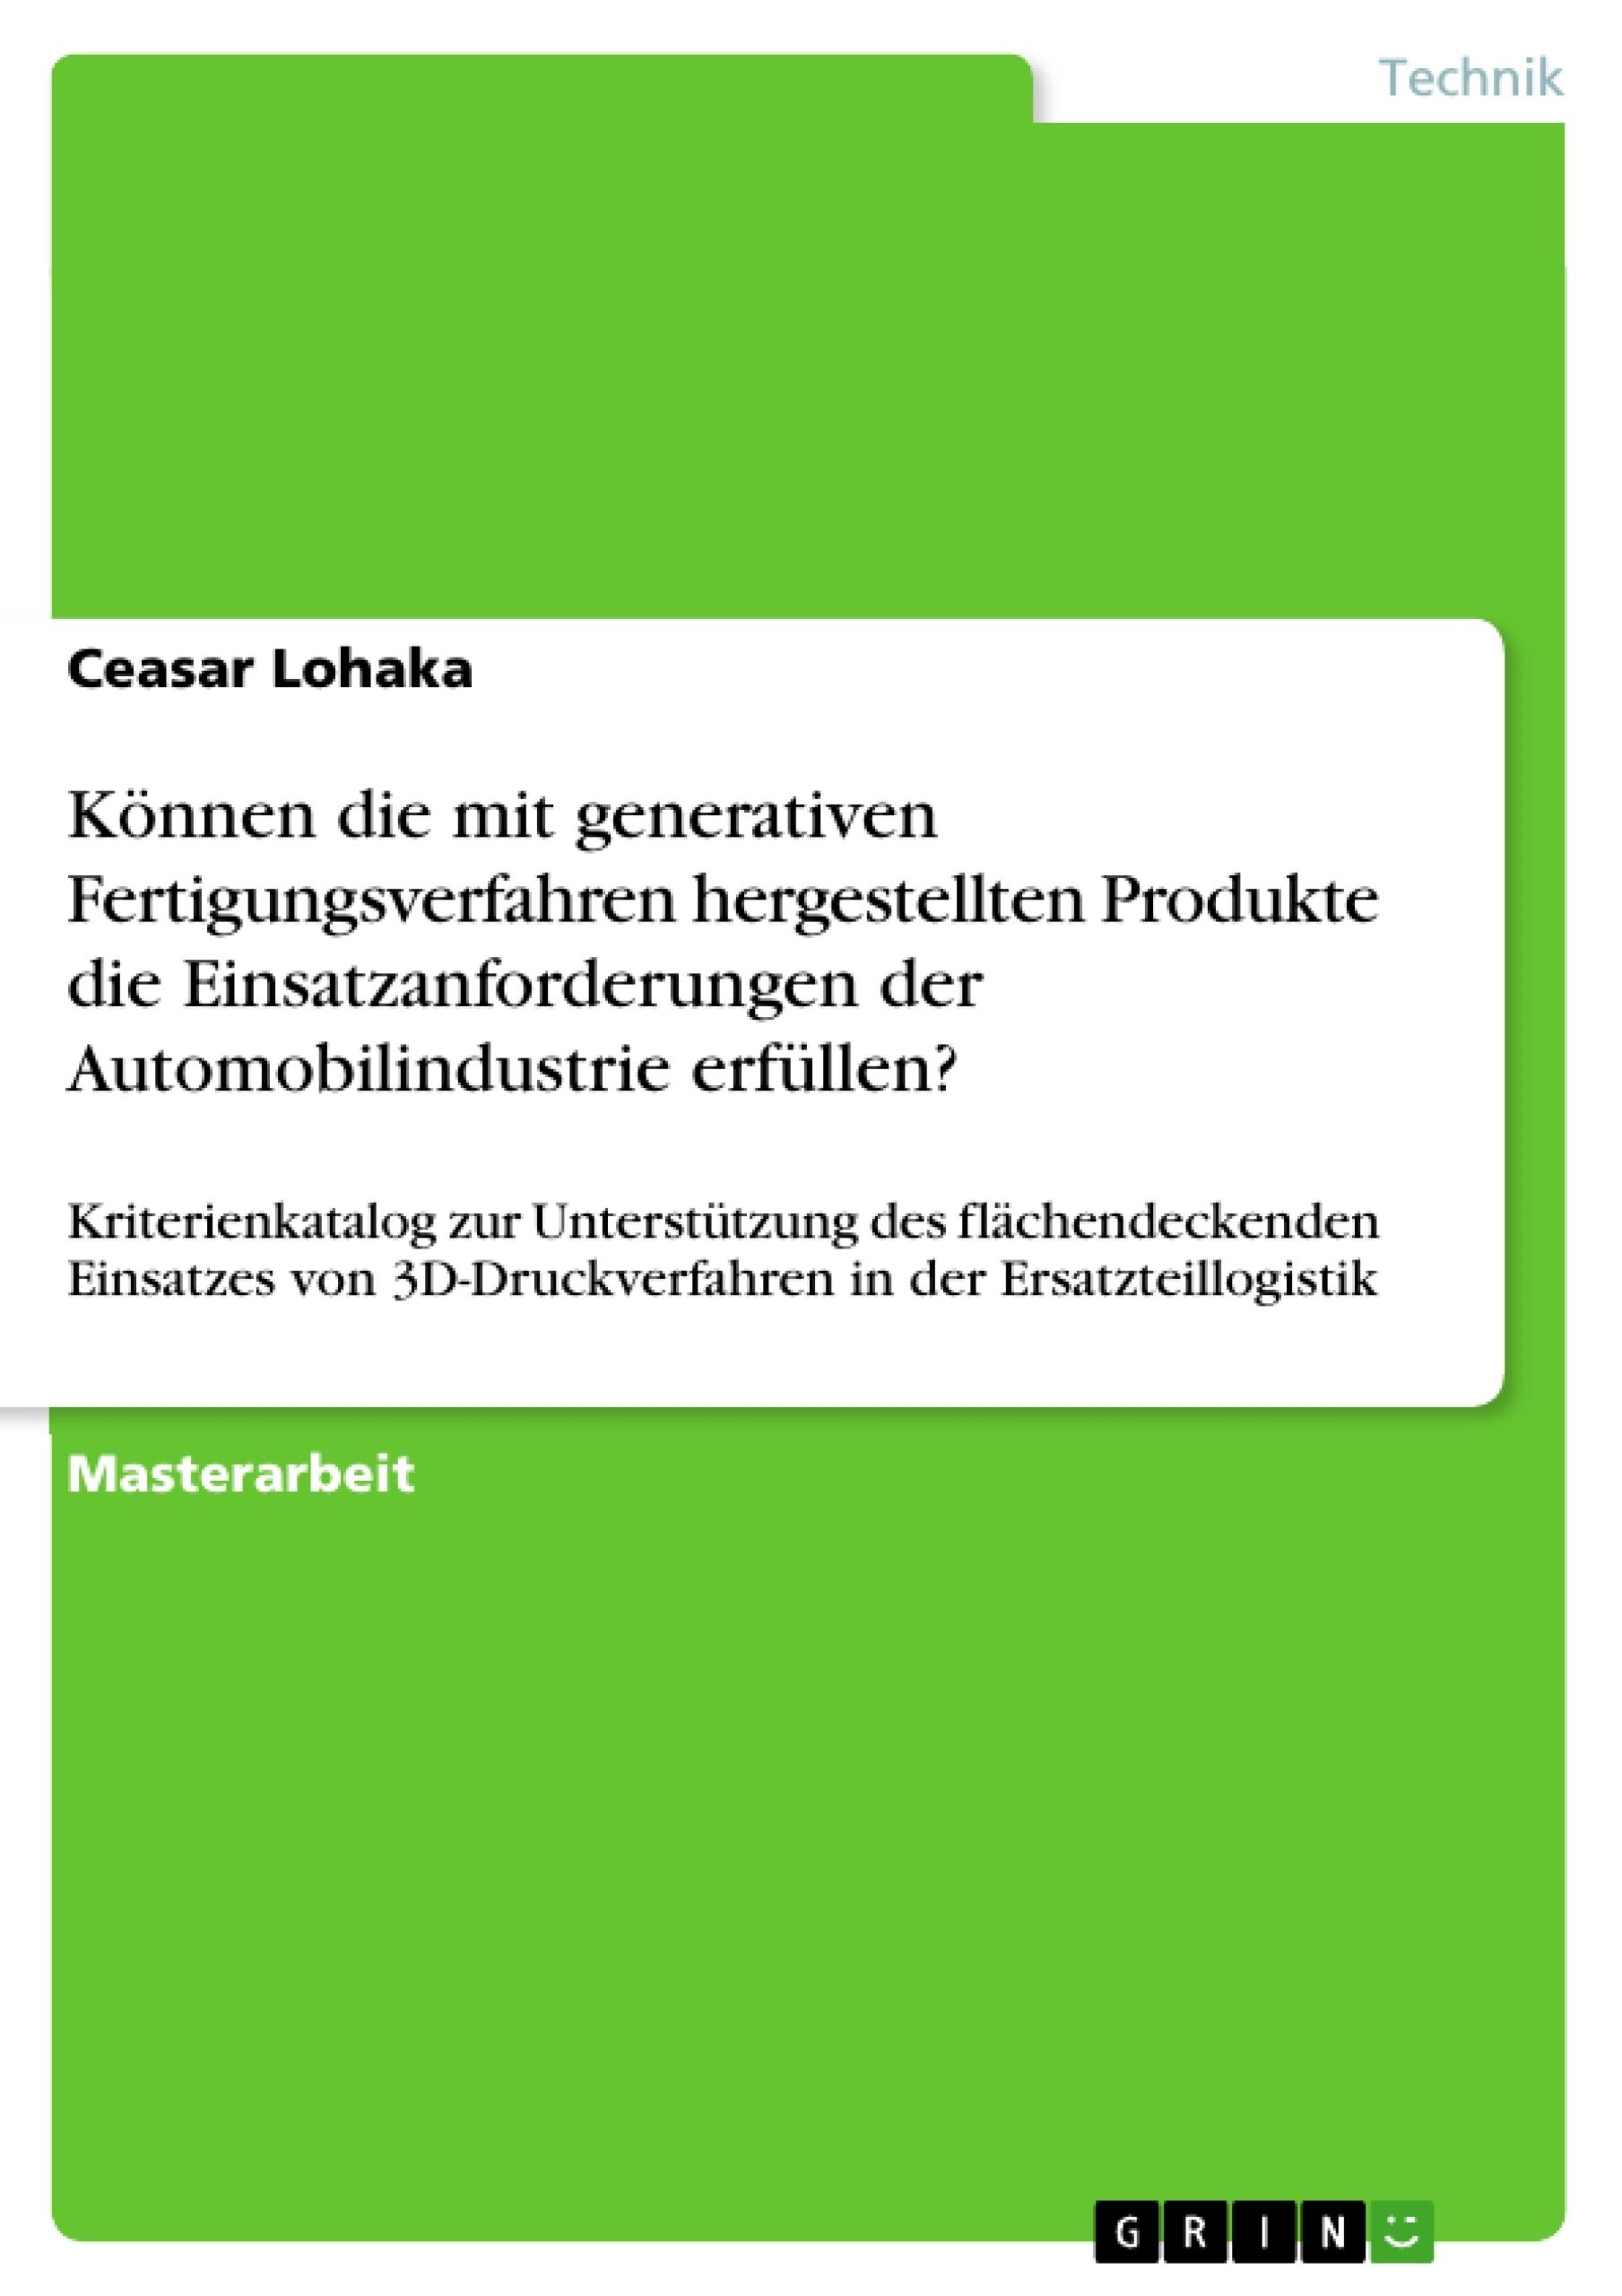 Titel: Können die mit generativen Fertigungsverfahren hergestellten Produkte die Einsatzanforderungen der Automobilindustrie erfüllen?